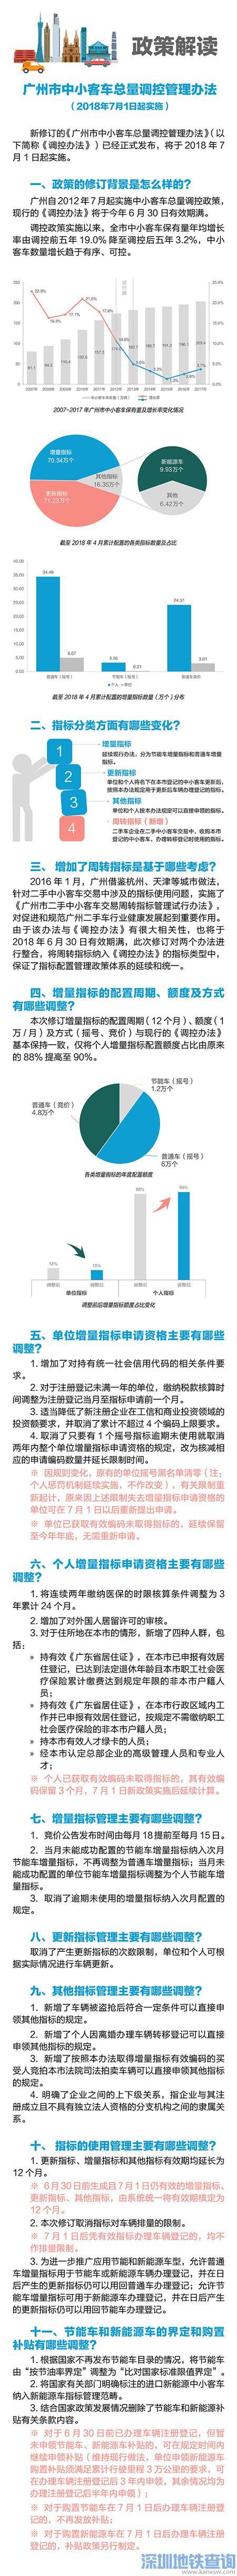 2018广州车牌更新10年政策 新政官方解读一览(图)